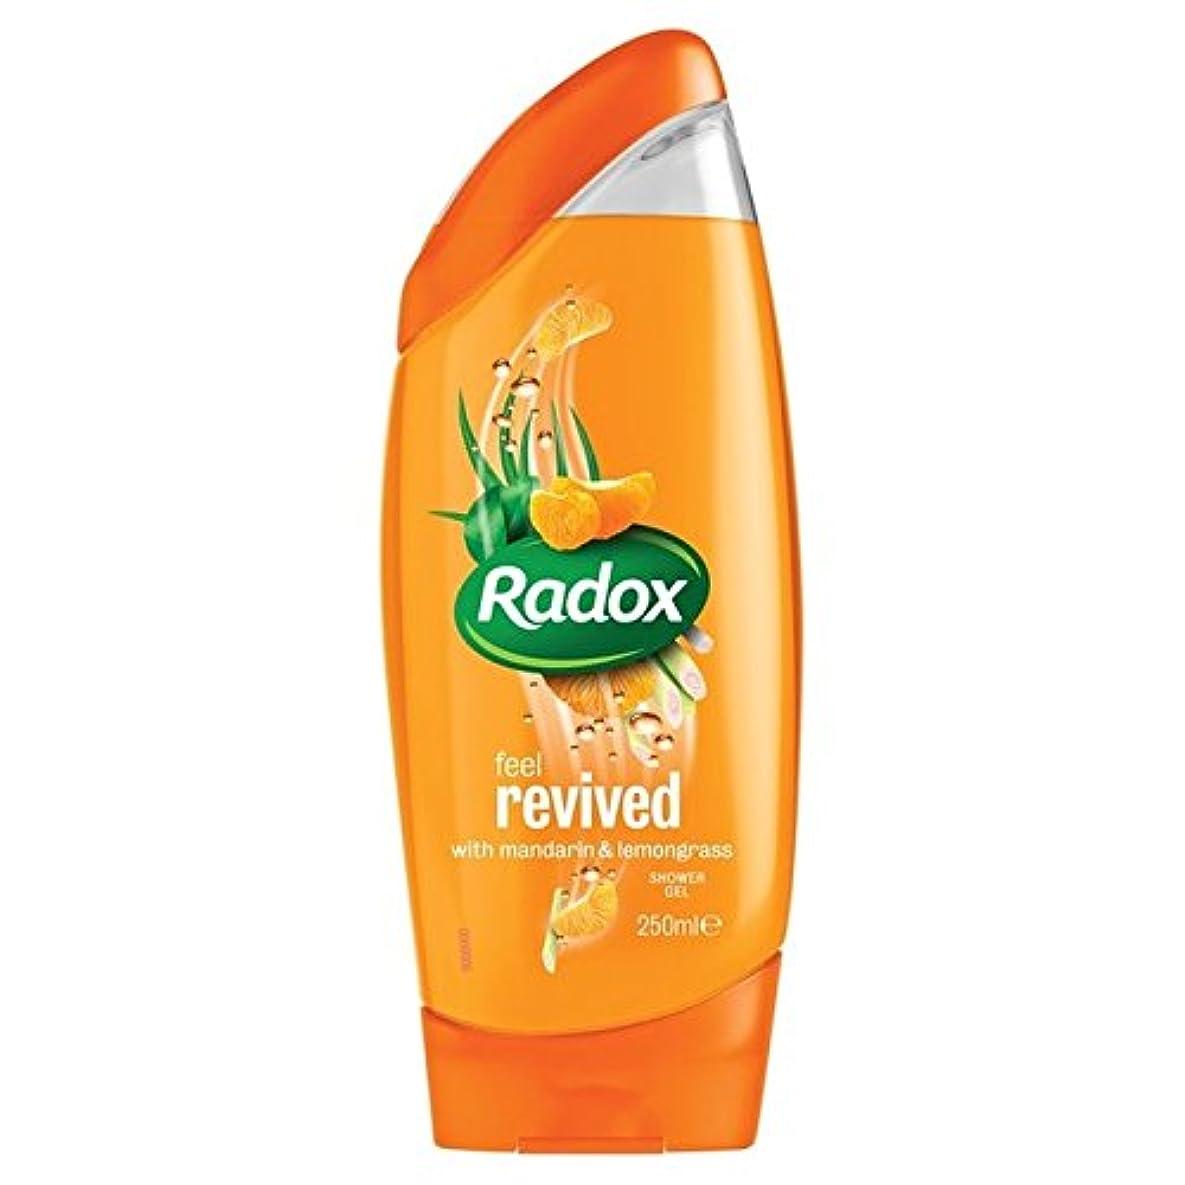 オーブン傾いた君主制のみかんは、シャワージェル250ミリリットルを復活させます x4 - Radox Mandarin Revive Shower Gel 250ml (Pack of 4) [並行輸入品]